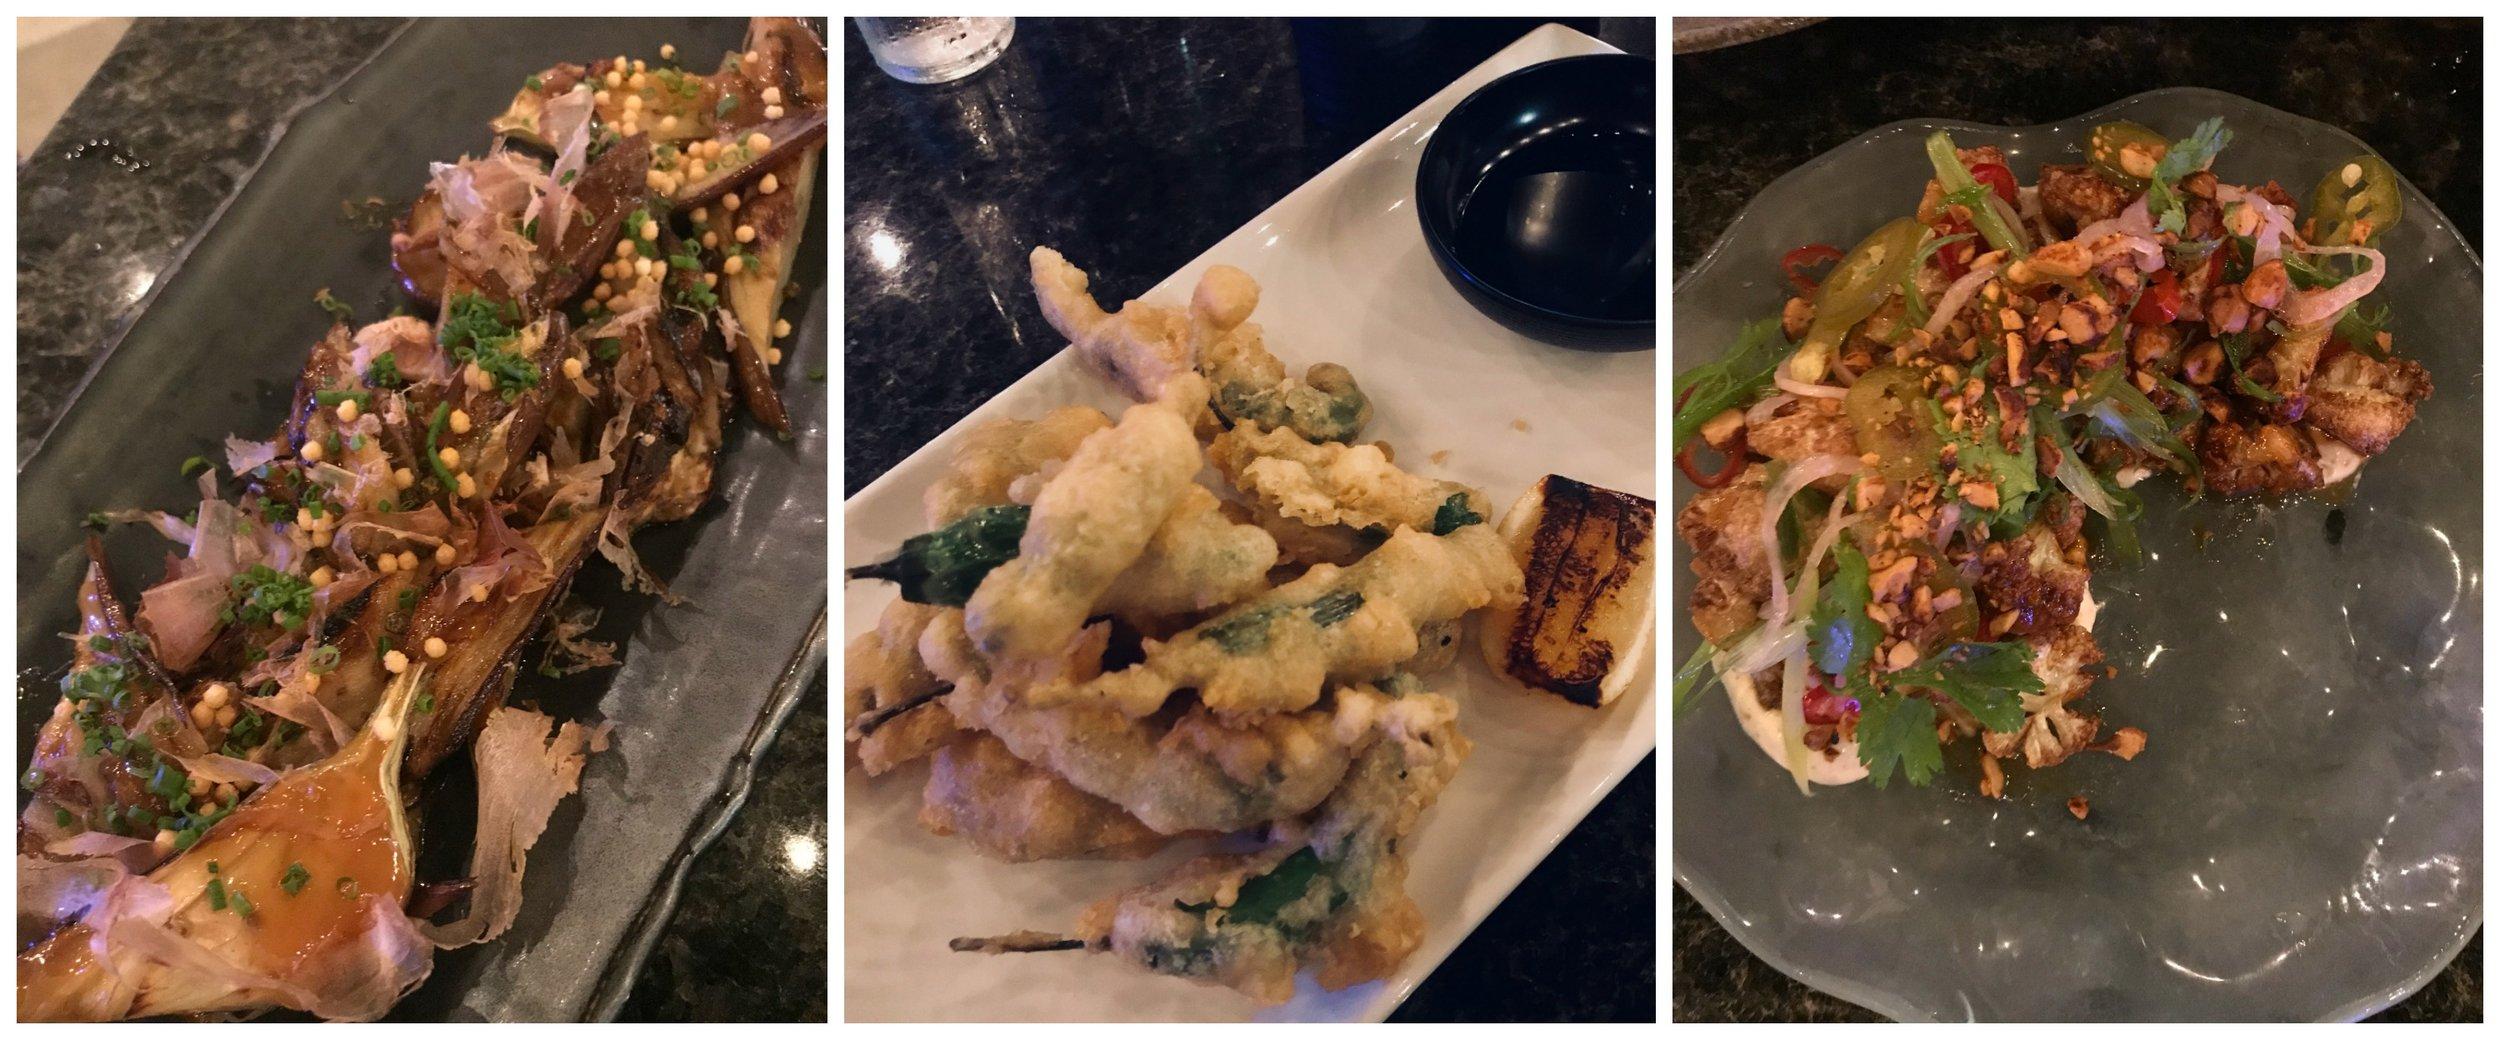 Vagabond Sushi appetizers